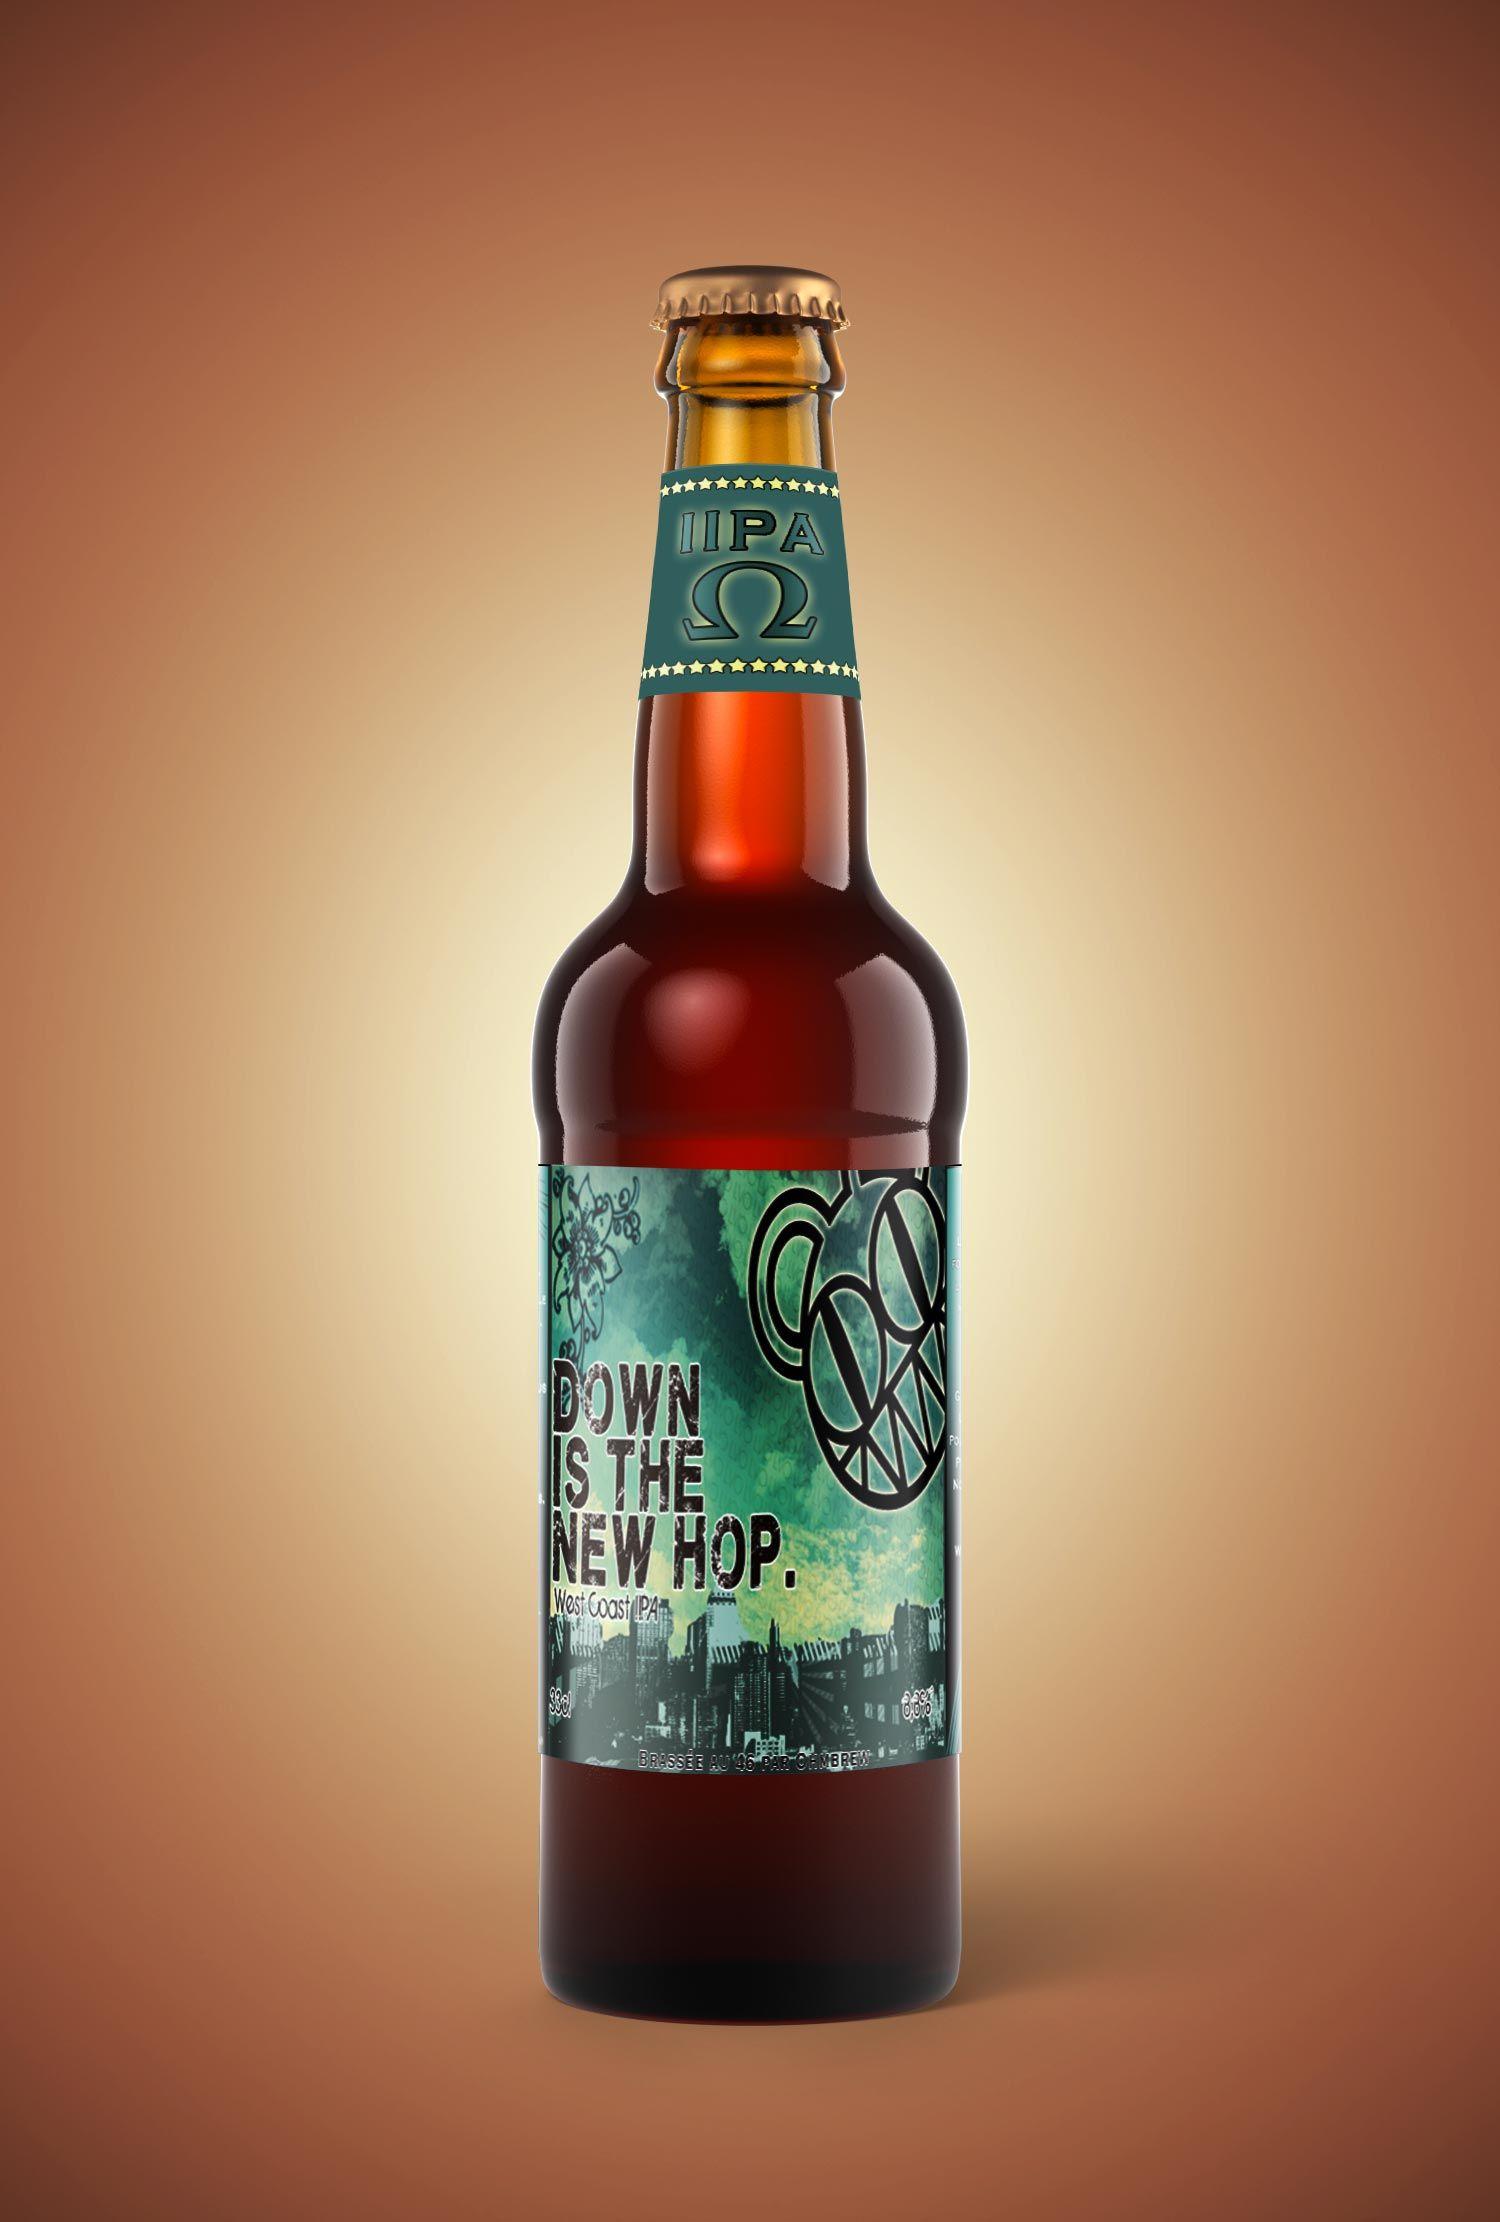 """""""Down is the Hop"""" est clin d'oeil à Radiohead et leur chanson """" Down is the new Up """" sur l'album In Rainbows. Bière de style double IPA US, très parfumée aux agrumes et fruits de la passion, titrant 8,8%. Douce et corsée en même temps avec une amertume qui se mêle parfaitement avec le sucre et l'alcool. #imperialipa #IIPA #radiohead #craftbeer #ohmbrew #homebrew #stanleydonwood #beerporn #thomyorke"""